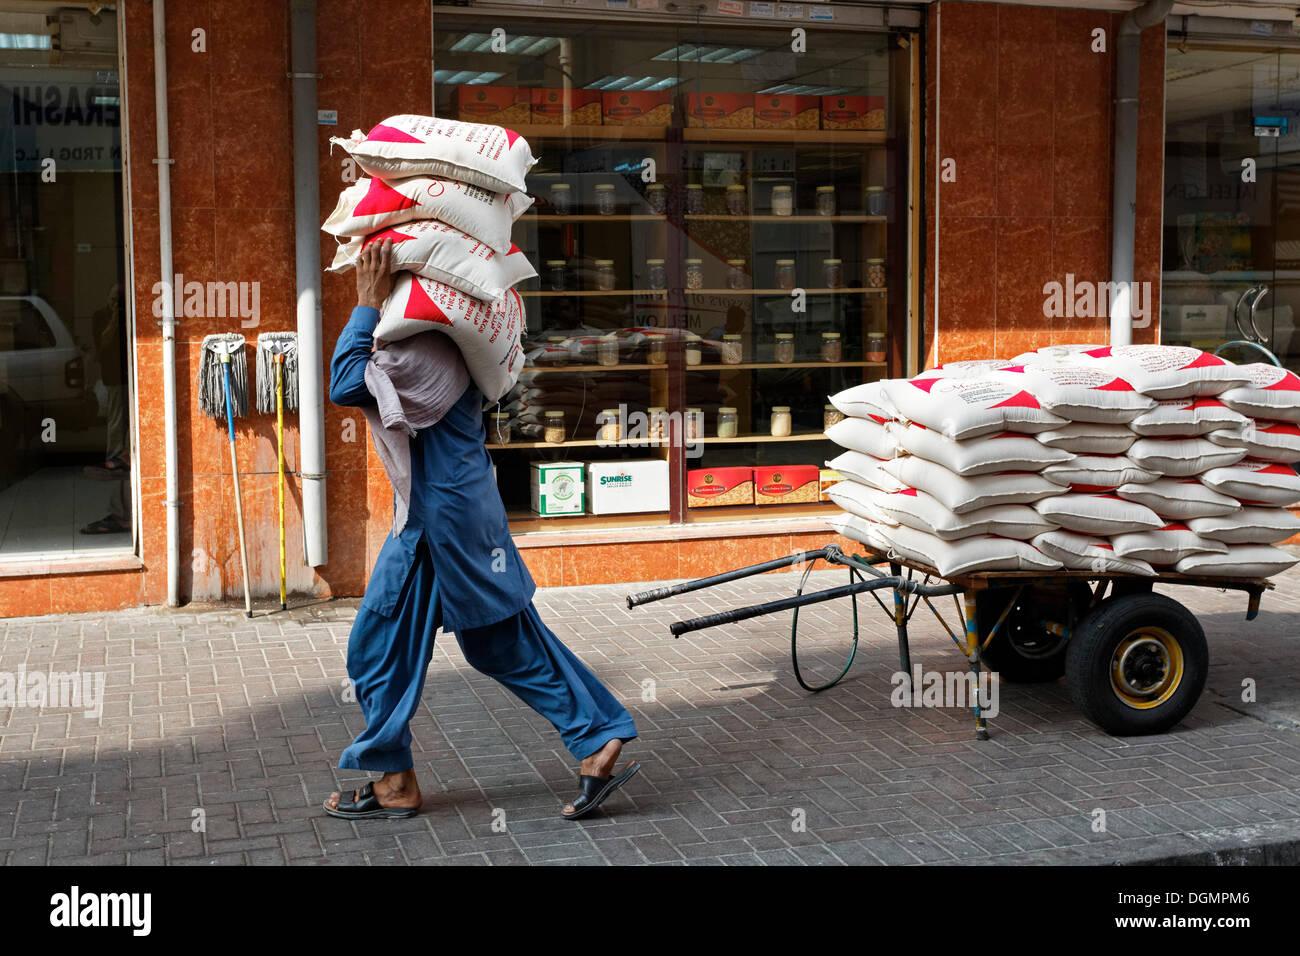 Trabajador llevando sacos de lentejas en su hombro, antiguo zoco, Deira, Dubai, Emiratos Árabes Unidos, Oriente Medio Imagen De Stock